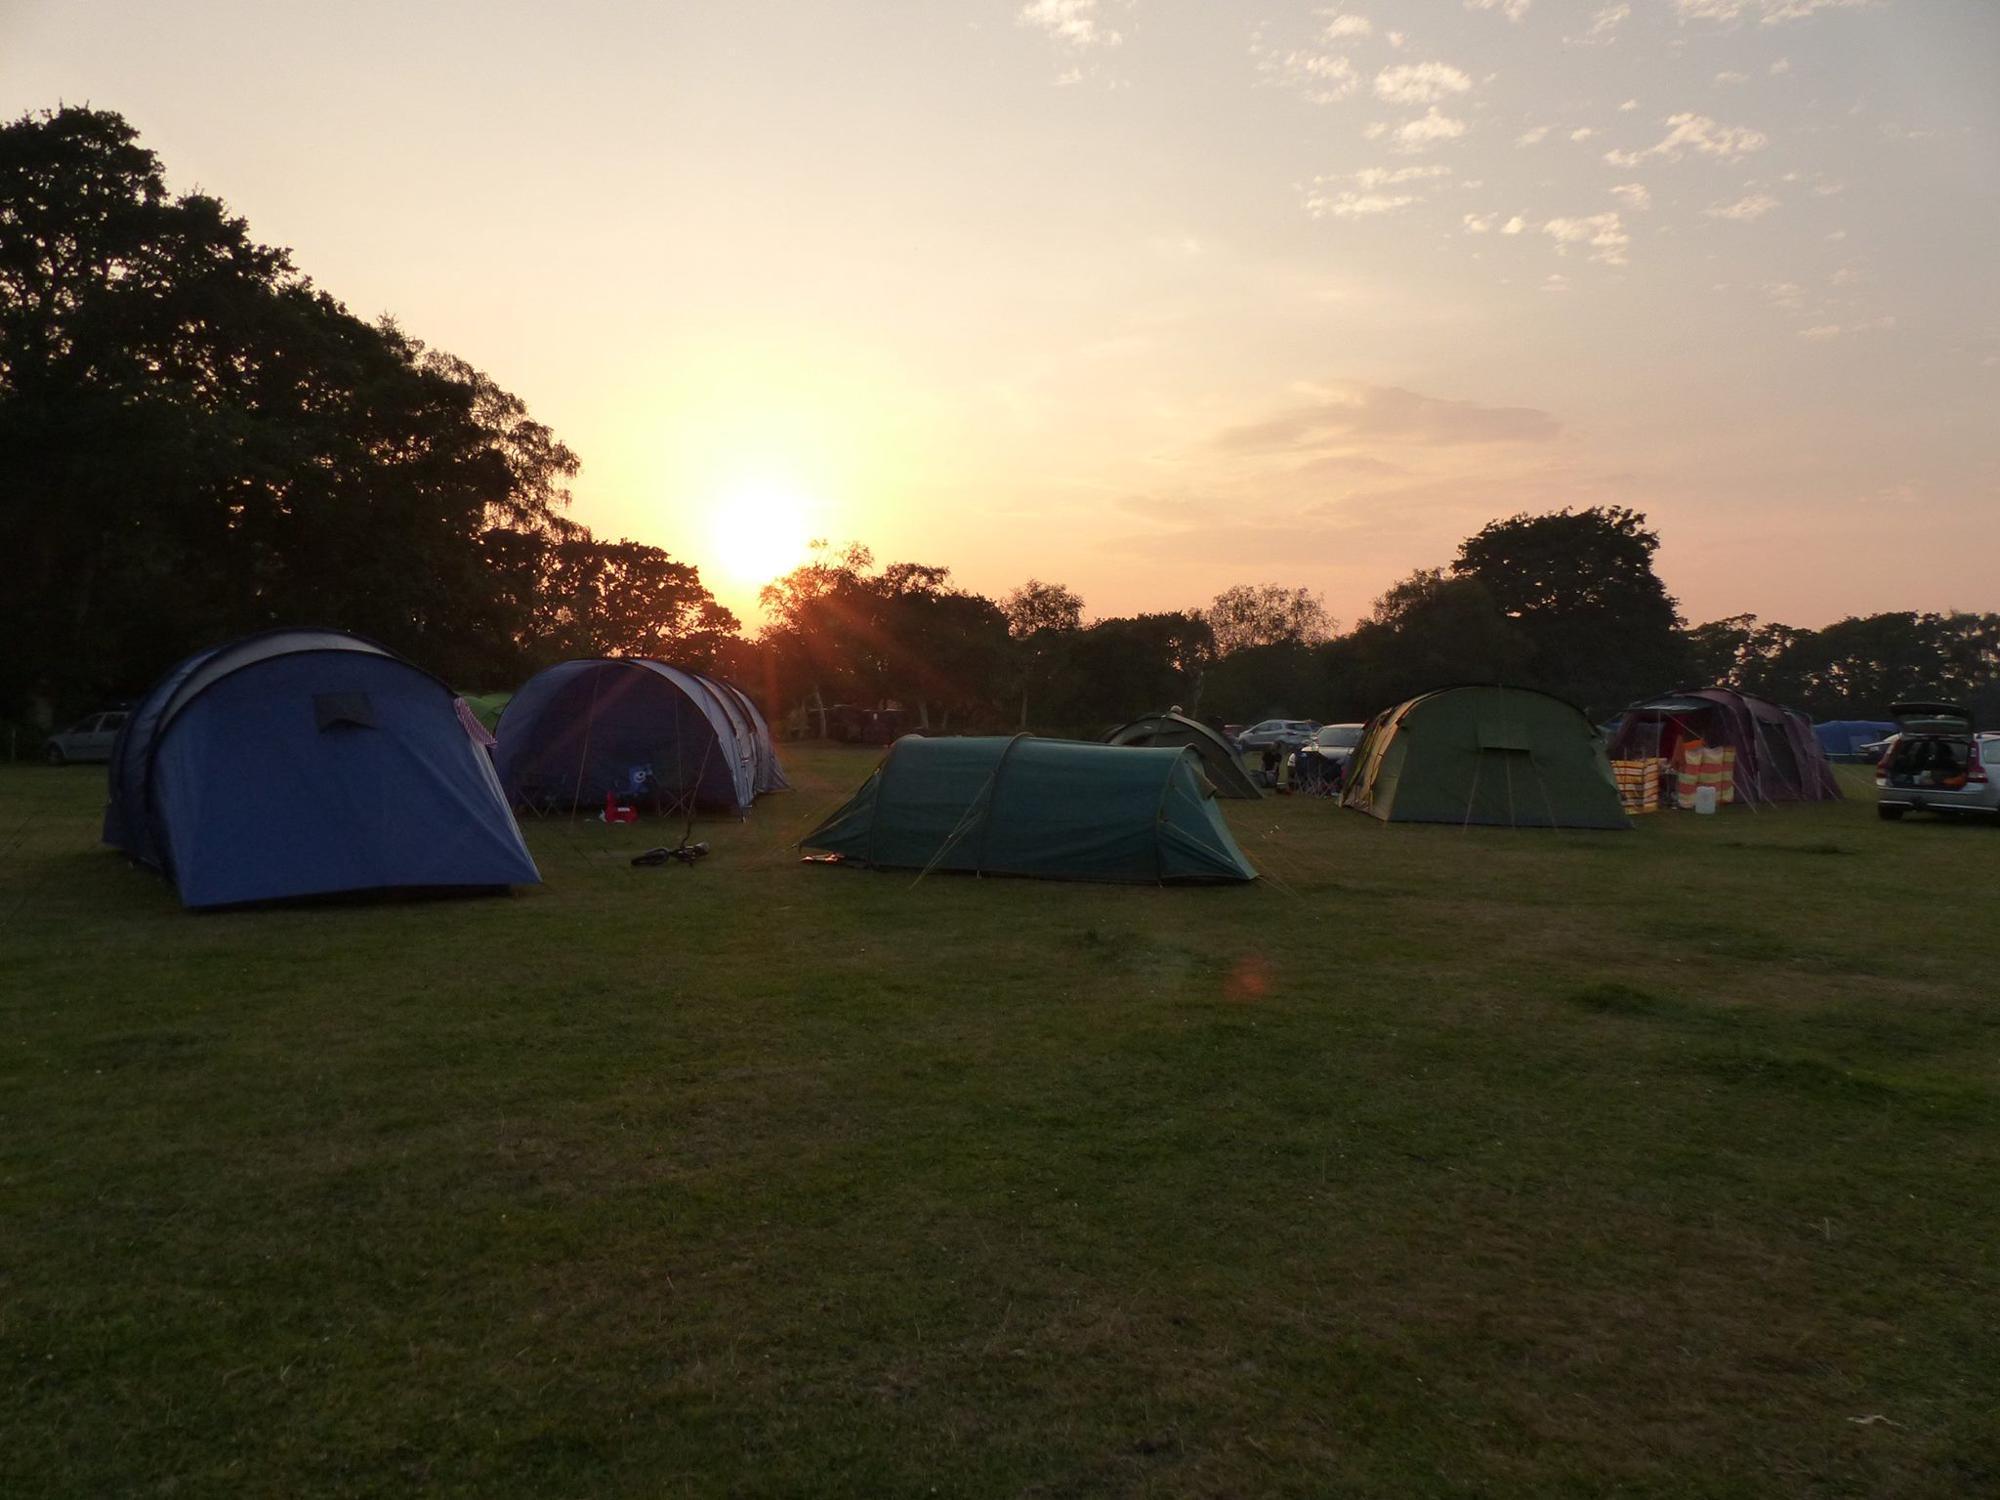 Brockenhurst Camping | Campsites in Brockenhurst, New Forest